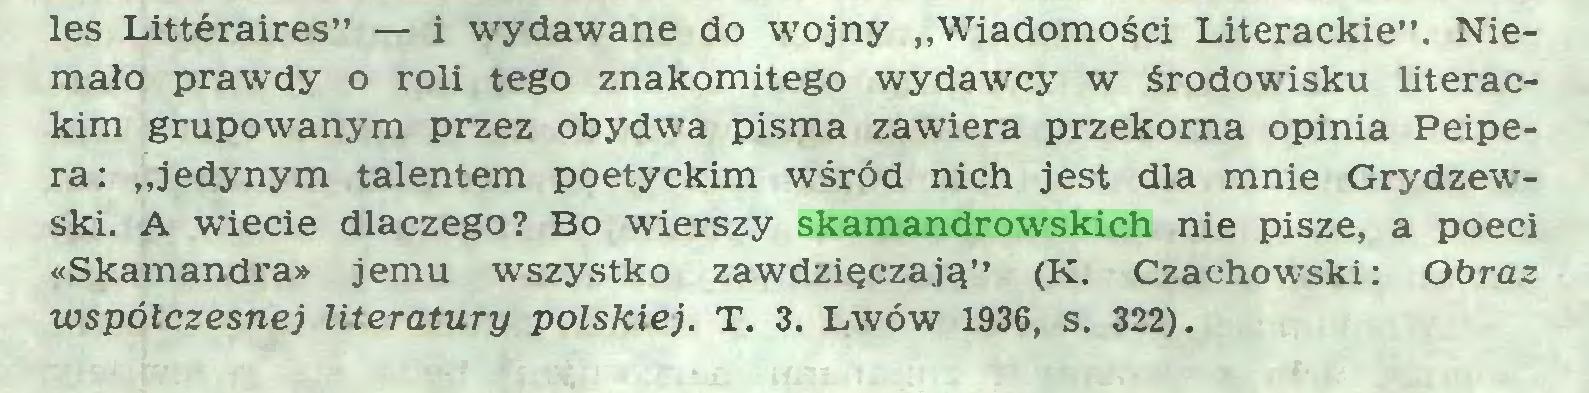 """(...) les Littéraires"""" — i wydawane do wojny """"Wiadomości Literackie"""". Niemało prawdy o roli tego znakomitego wydawcy w środowisku literackim grupowanym przez obydwa pisma zawiera przekorna opinia Peipera: """"jedynym talentem poetyckim wśród nich jest dla mnie Grydzewski. A wiecie dlaczego? Bo wierszy skamandrowskich nie pisze, a poeci «Skamandra» jemu wszystko zawdzięczają"""" (K. Czachowski: Obraz współczesnej literatury polskiej. T. 3. Lwów 1936, s. 322)..."""